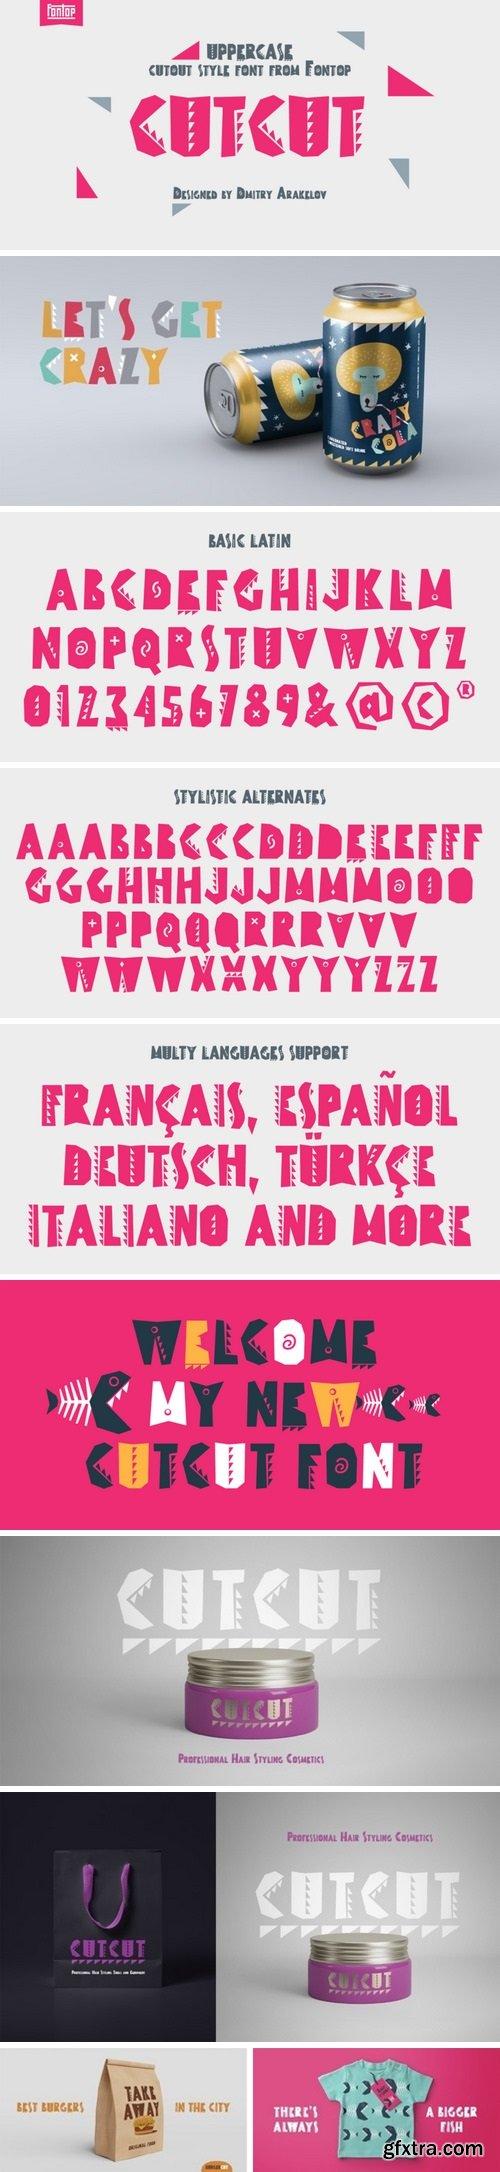 CUTCUT Font